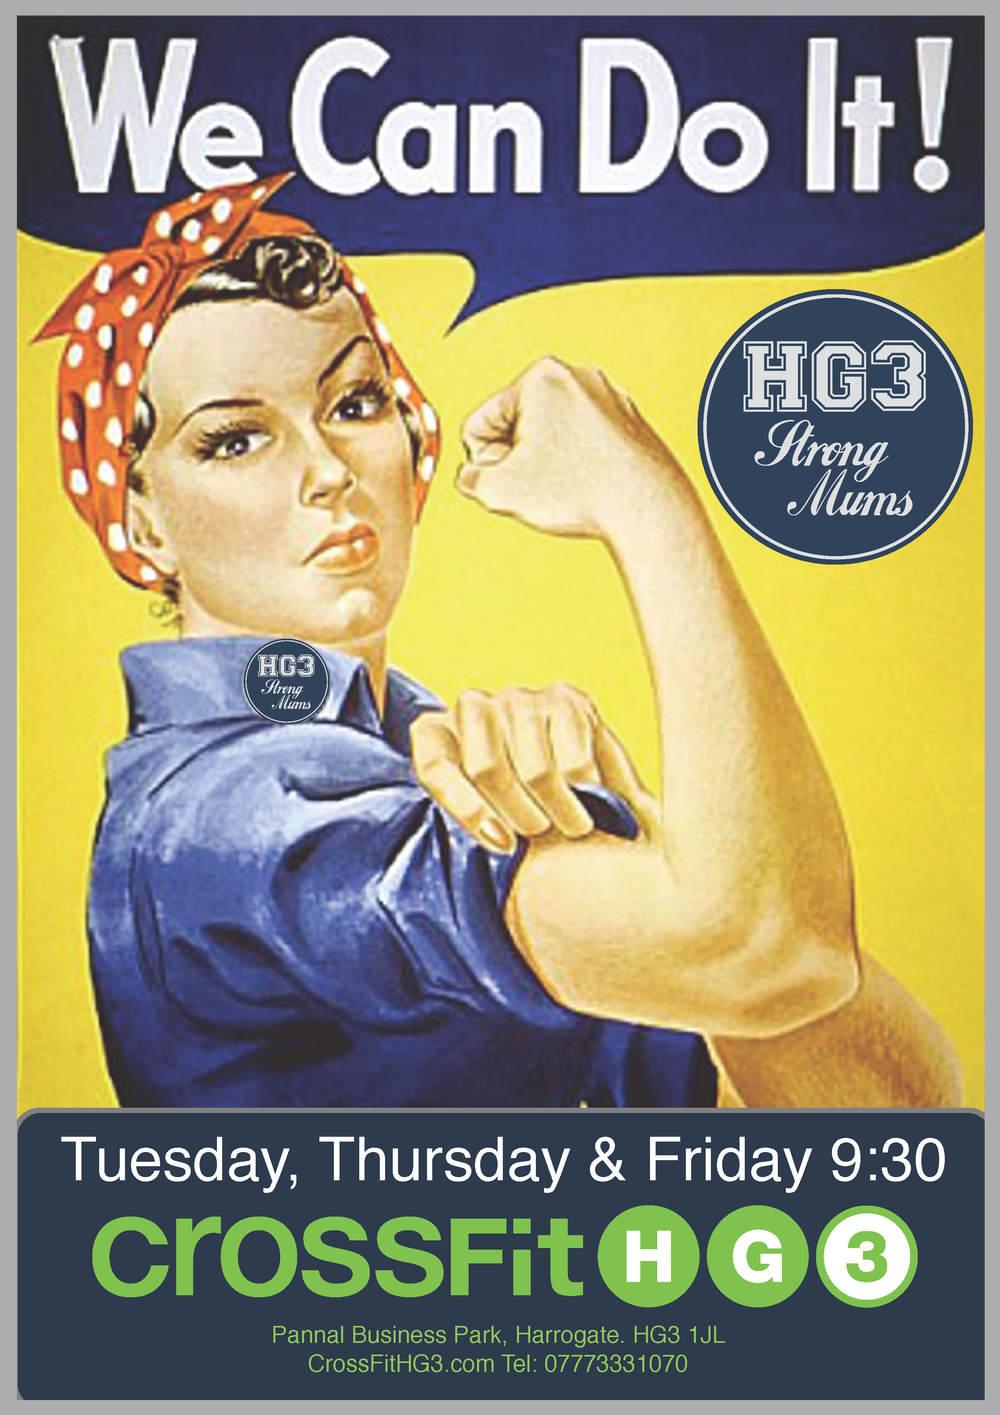 Strong mum poster.jpg